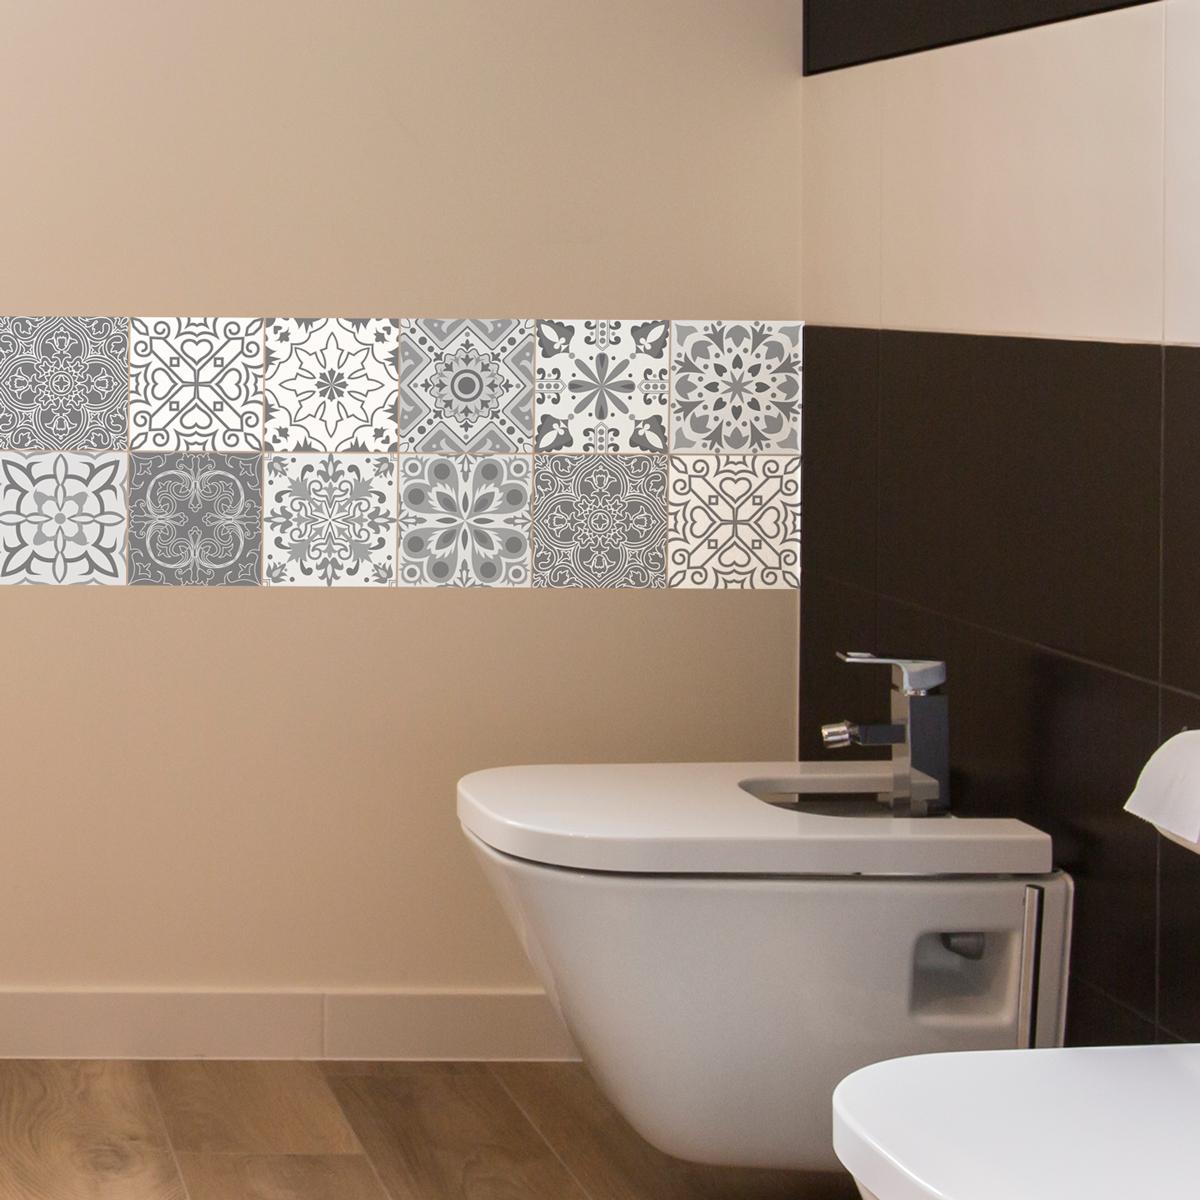 carreaux de ciment toilettes affordable wc carreaux de ciment et cuisine p hi carreau de ciment. Black Bedroom Furniture Sets. Home Design Ideas